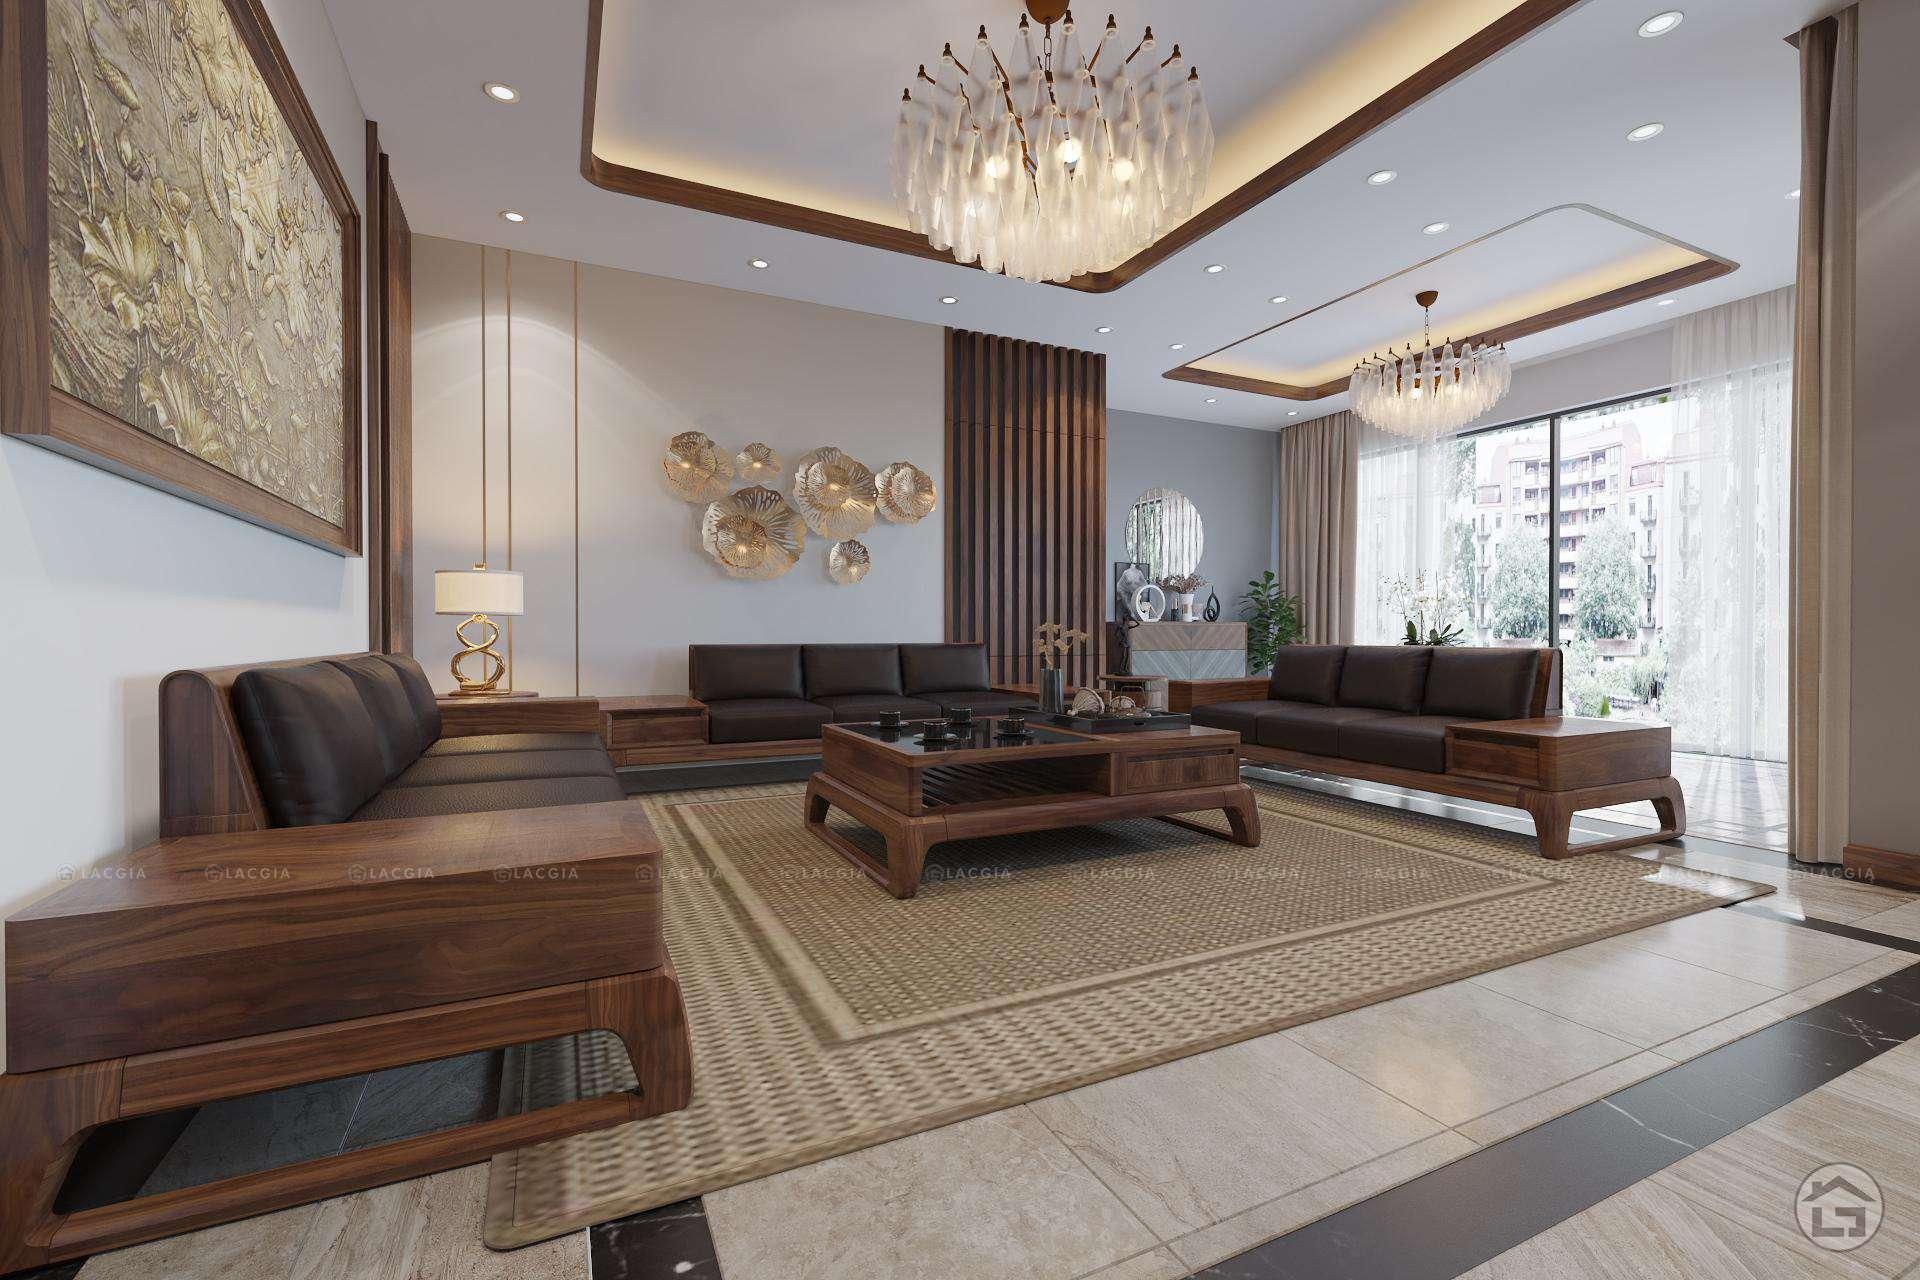 Lựa chọn kích thước bàn trà dựa theo kích thước của sofa gỗ phòng khách